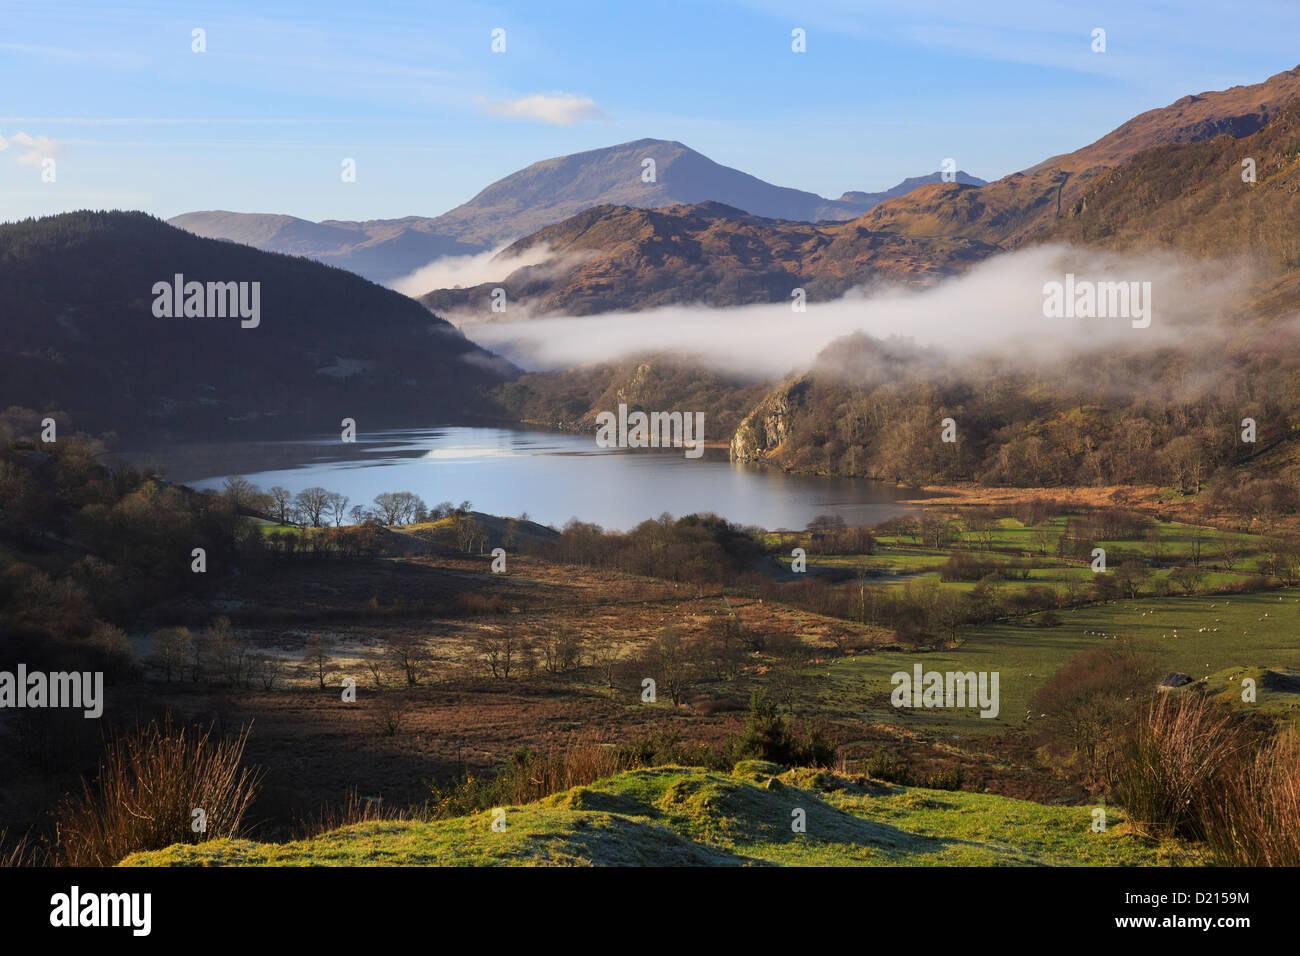 Vista panoramica lungo Nant Gwynant valle a Llyn Gwynant lago con nebbia nelle montagne del Parco Nazionale di Snowdonia, Immagini Stock